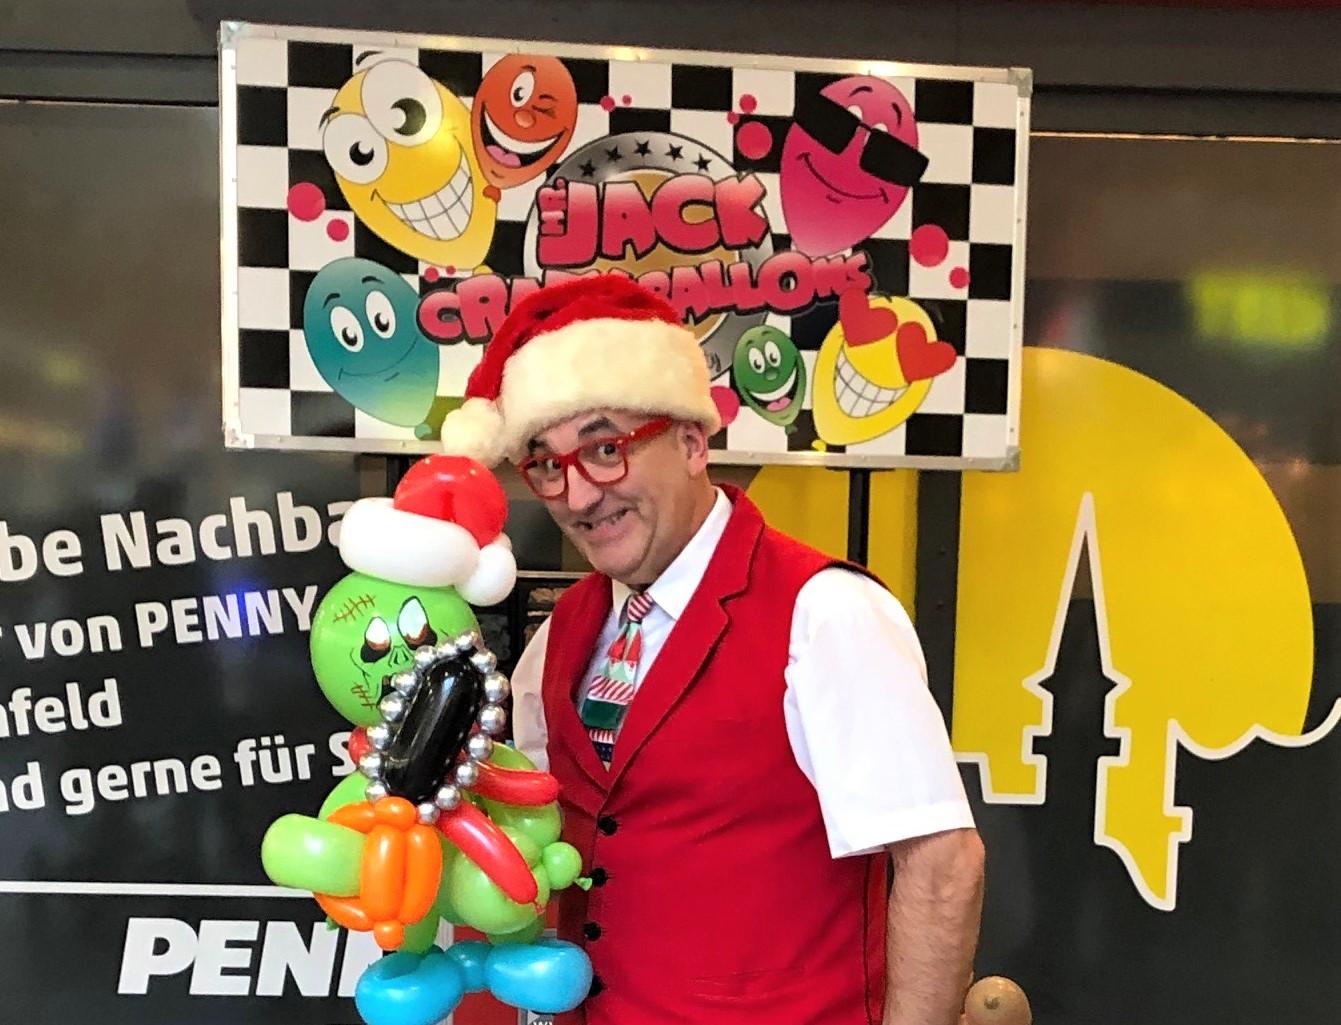 Fantastische Ballonfiguren und verblüffte Kinderaugen:  Mr. Jack zu Besuch im JEN